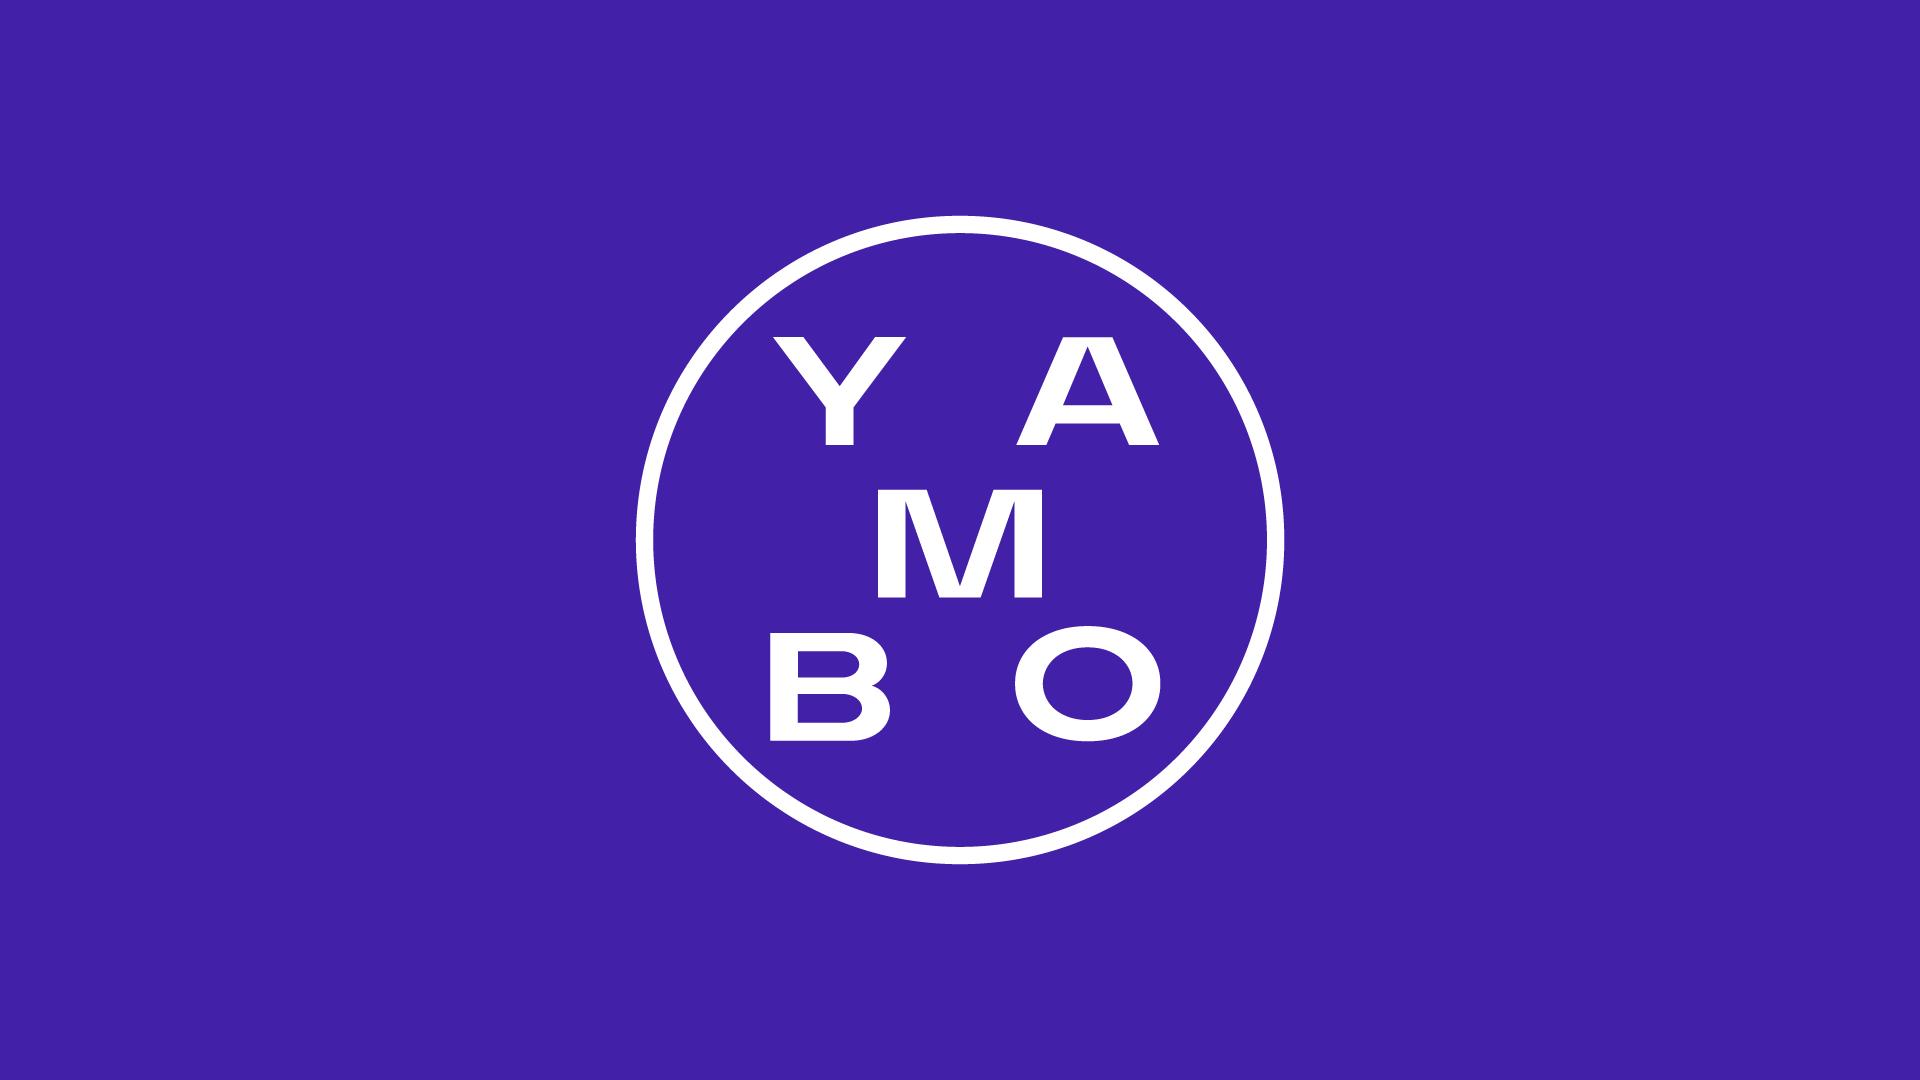 Rebranding 2019 - Yambo Studio